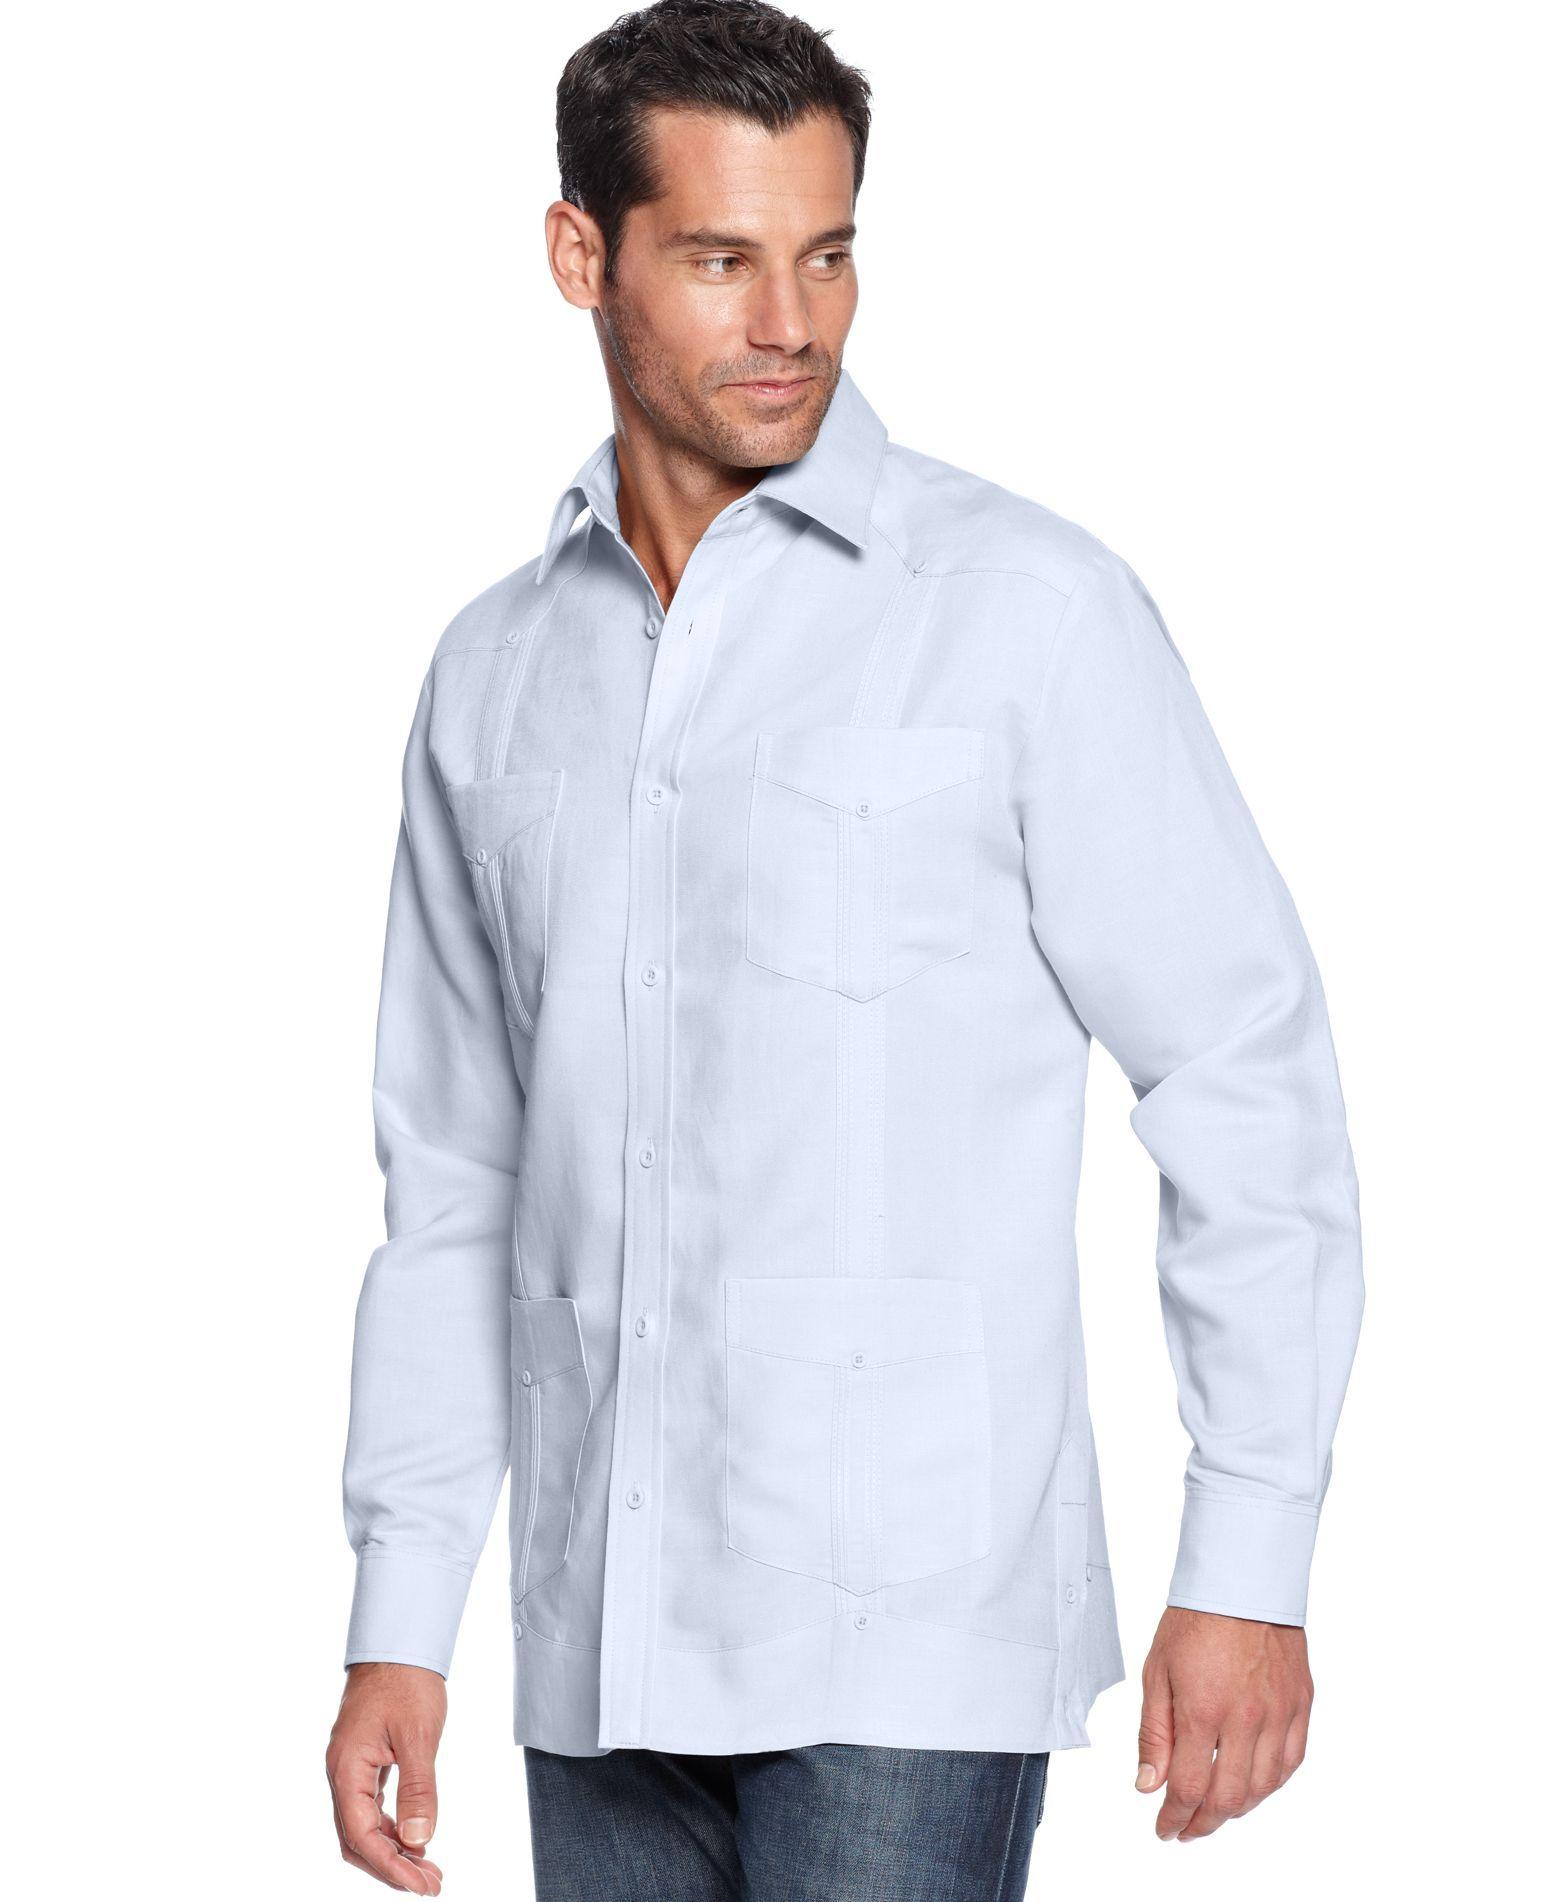 Cubavera Shirt, Guayabera Button Front Shirt